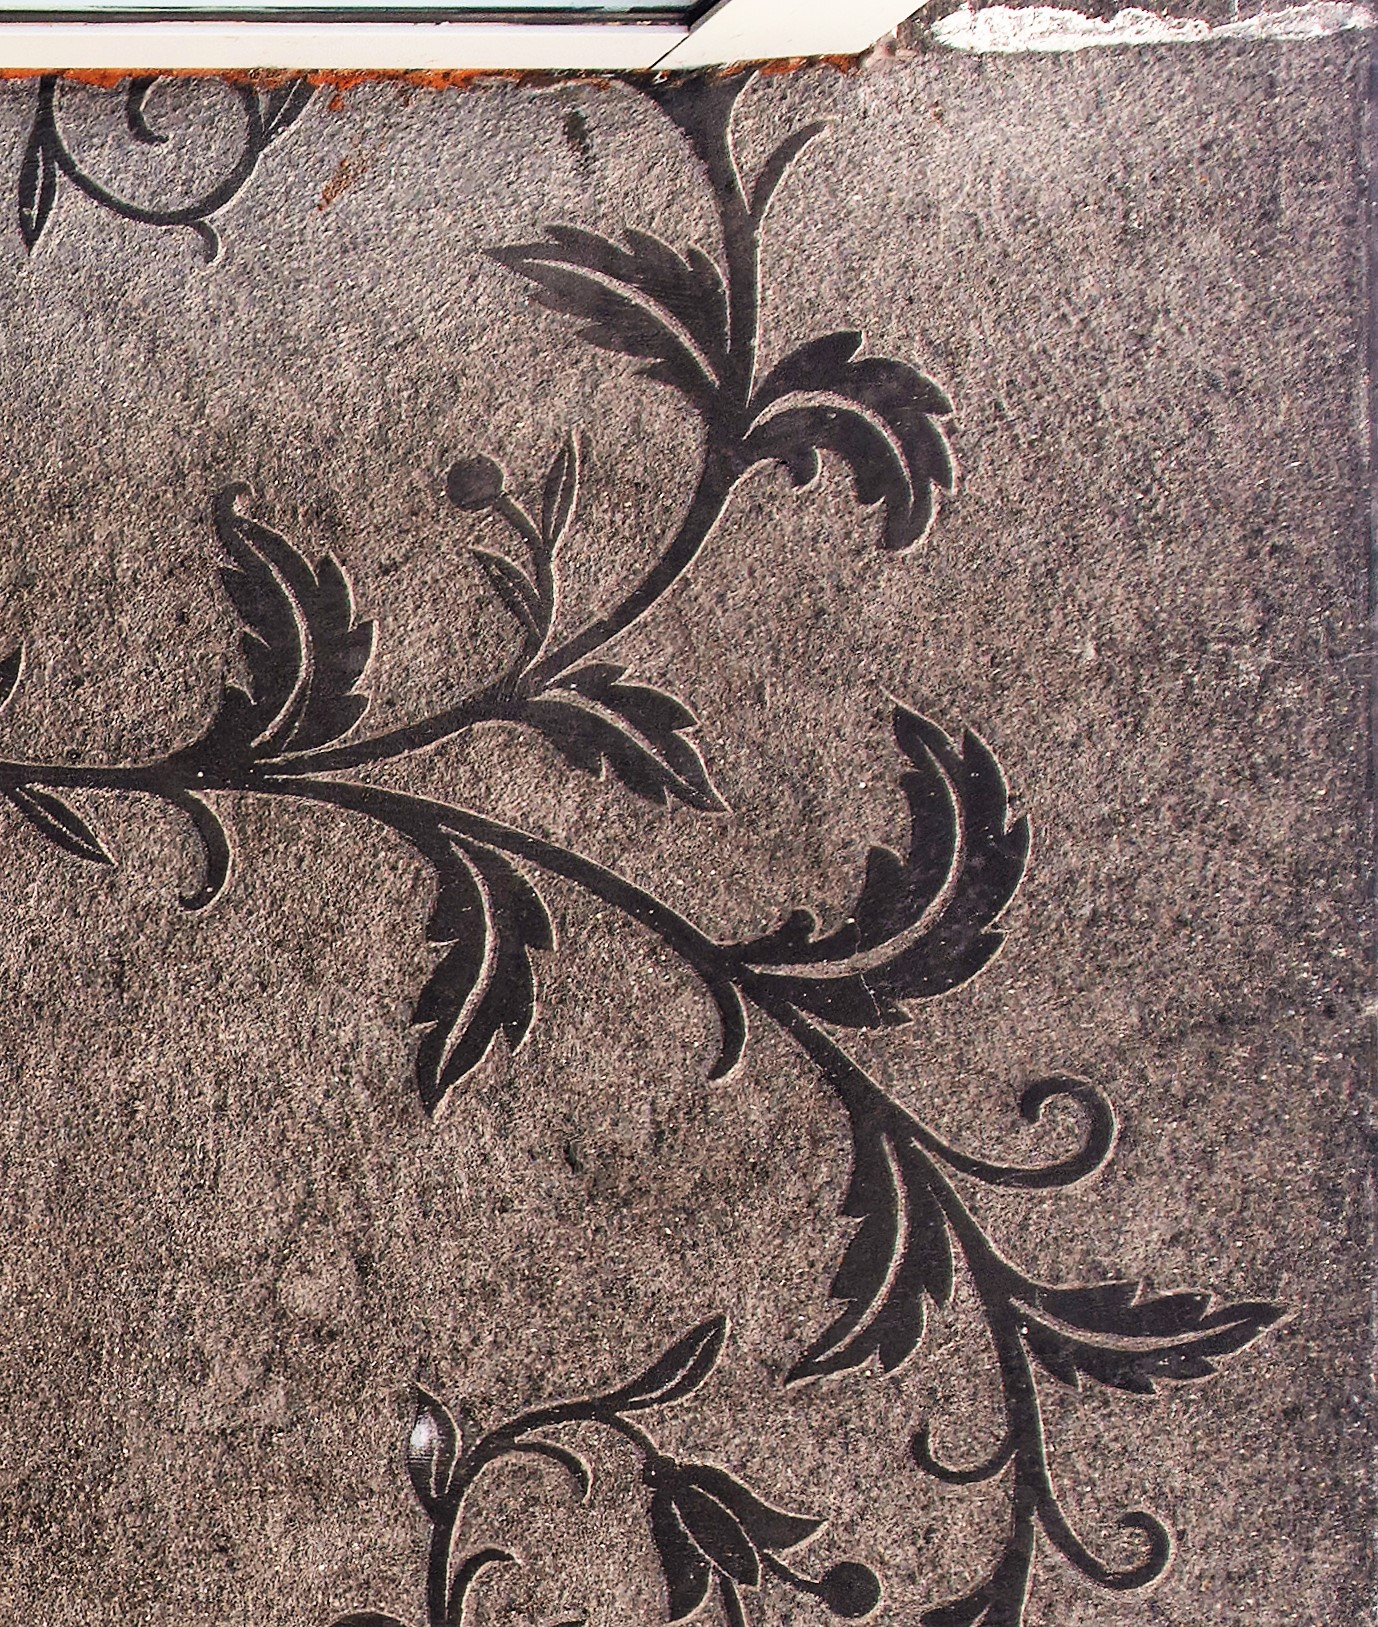 Dekoracja o motywie roślinnym, wykuta w tynku na suficie nad wejściem do kamienicy na Starowiejskiej (fragment)